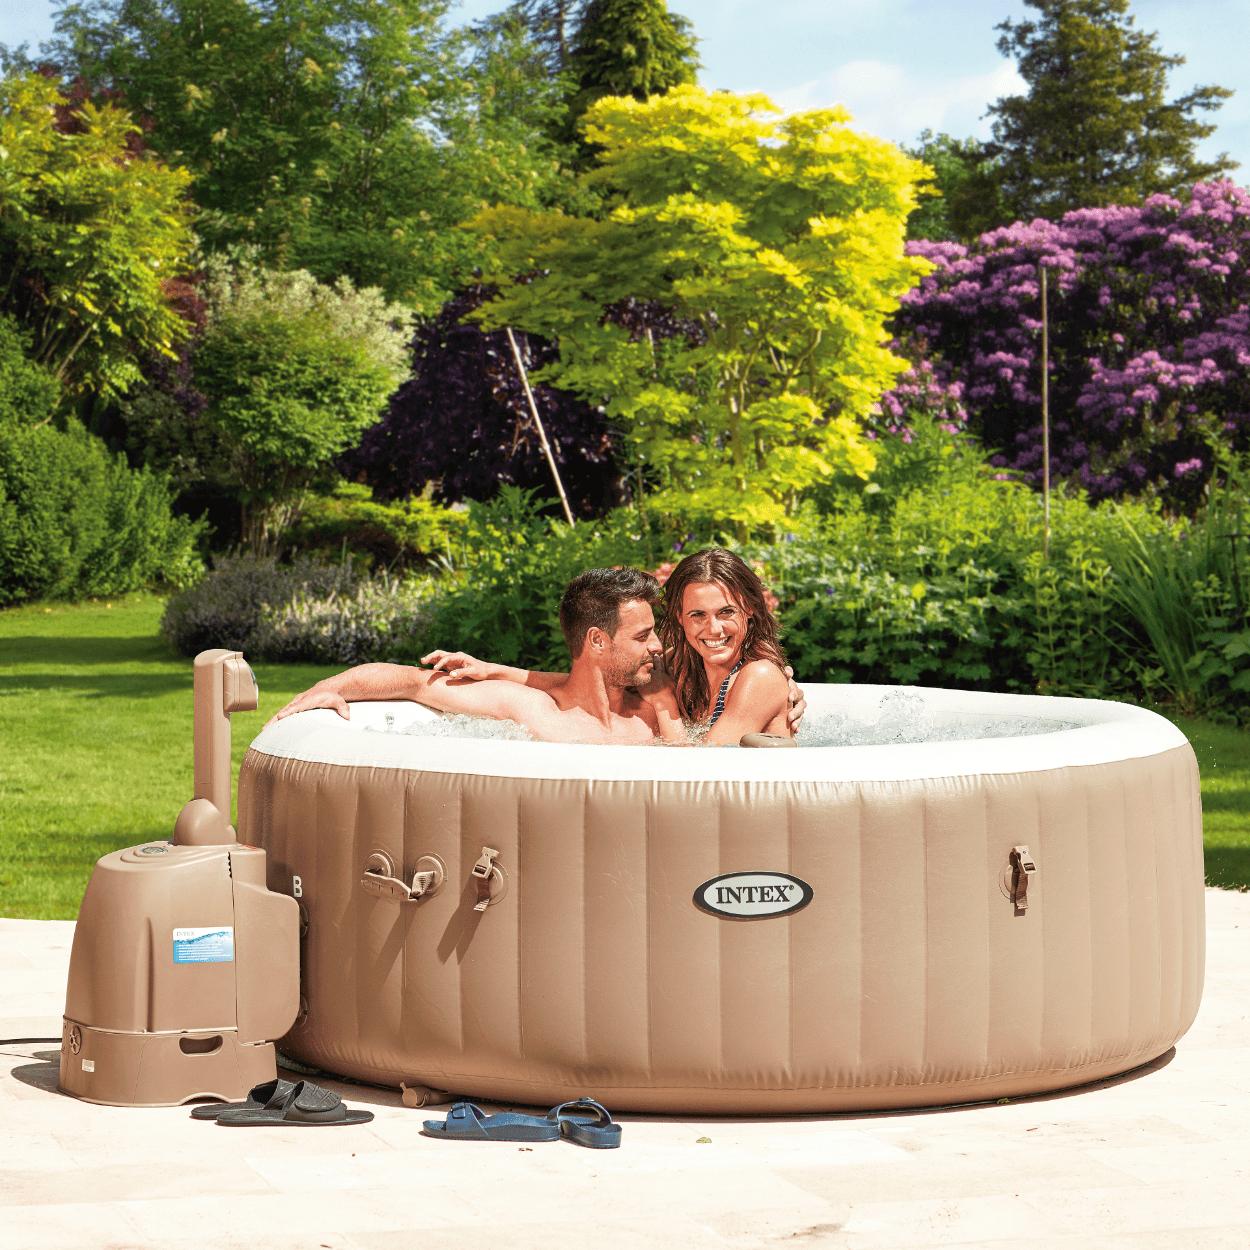 INTEX Pure Spa Bubble Therapy